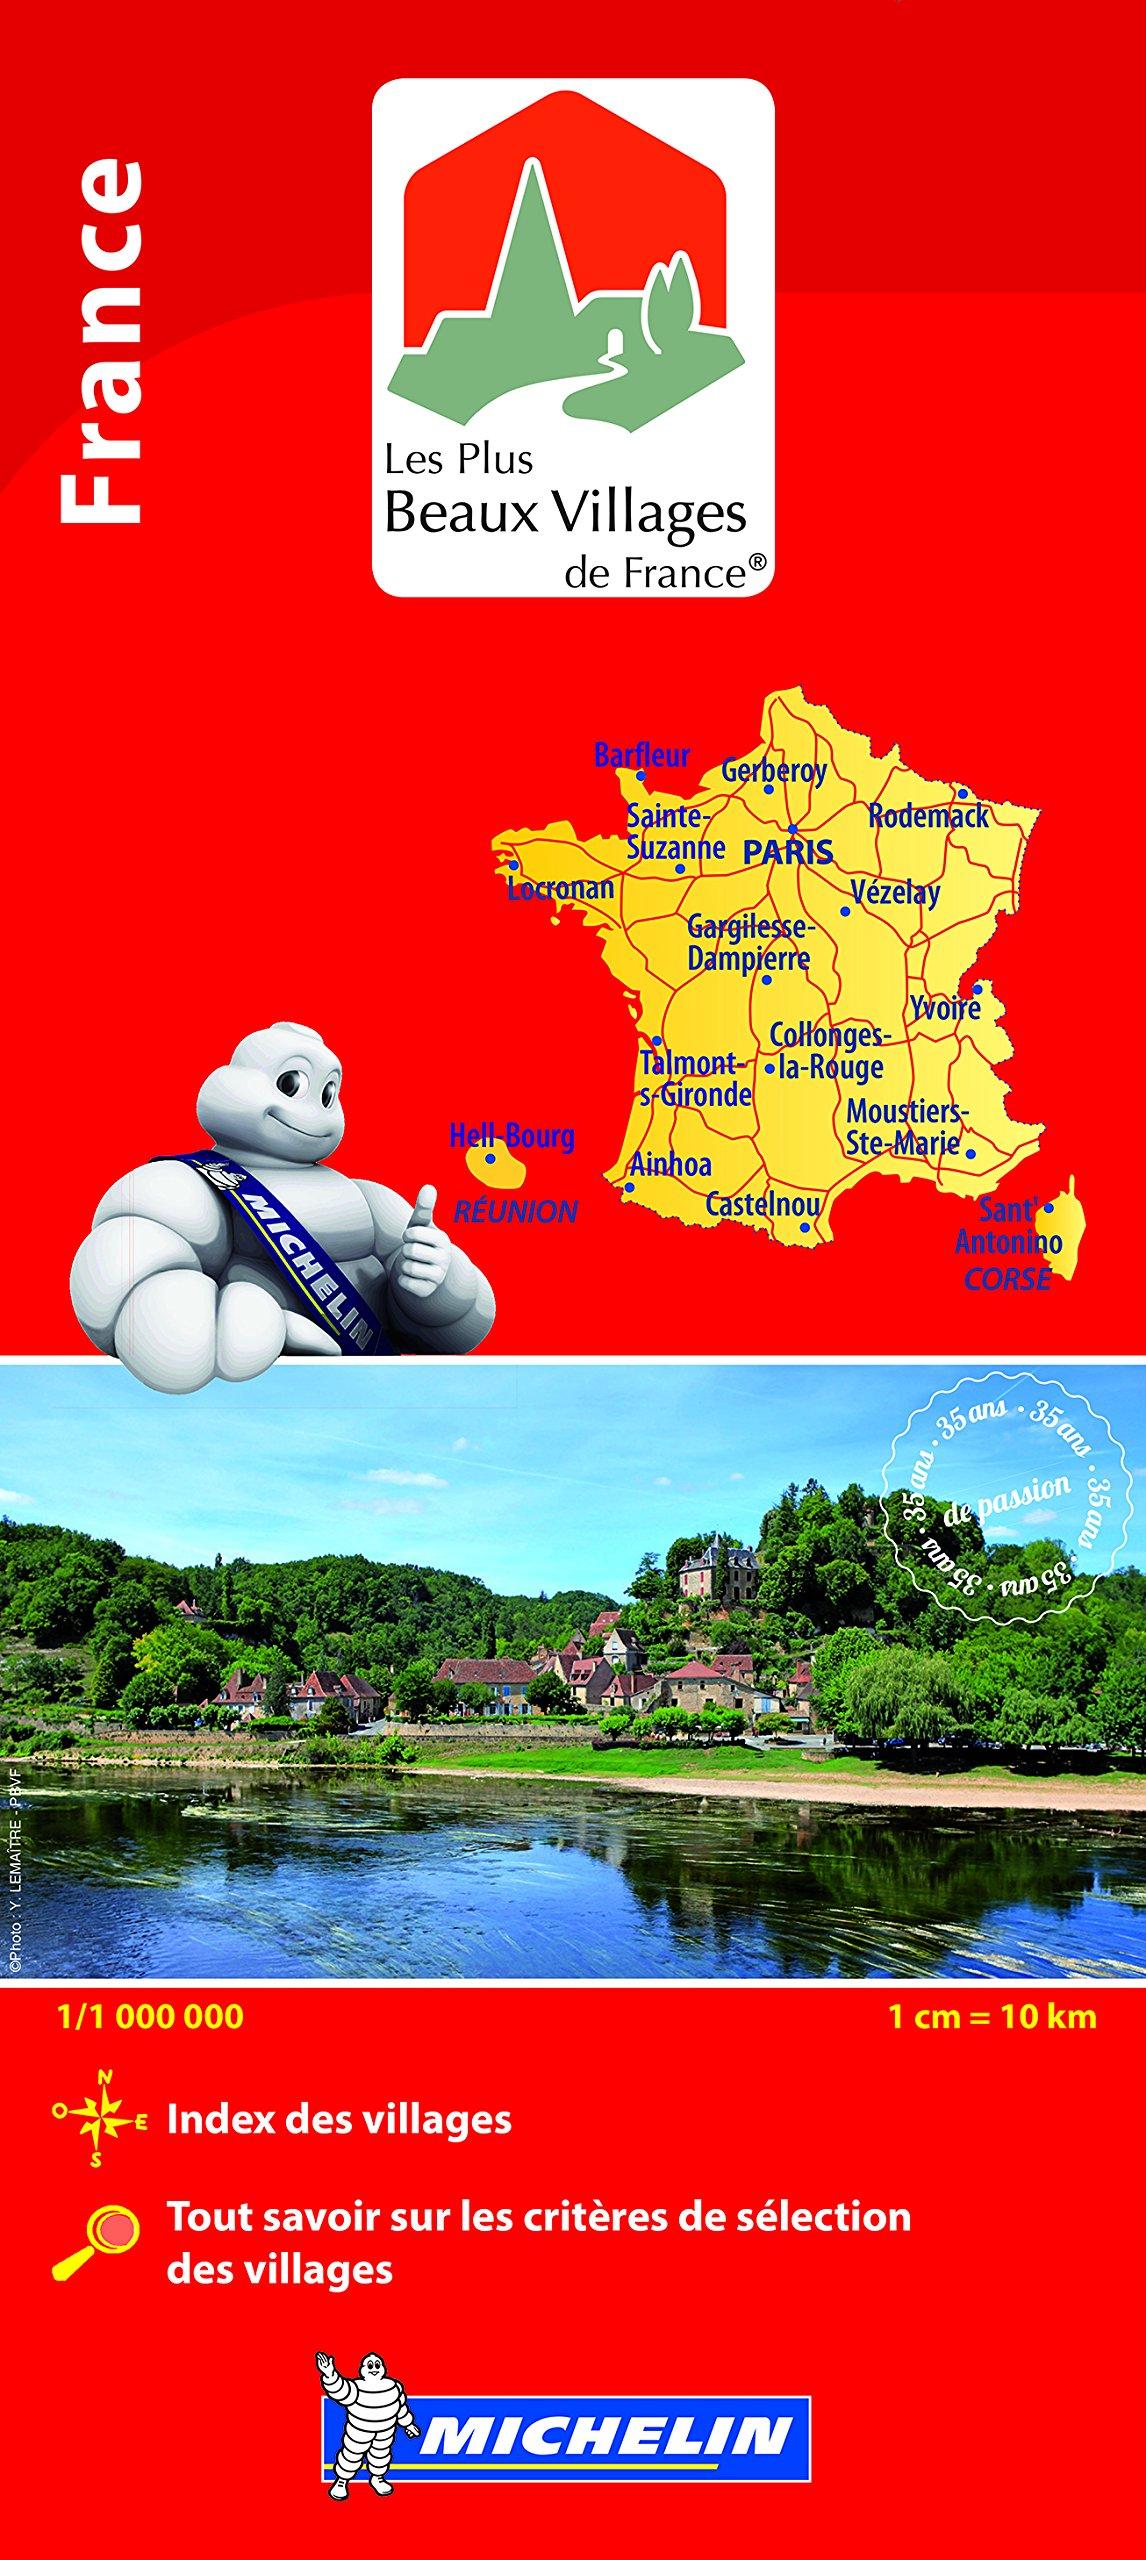 PLUS BEAUX VILLAGES FRANCE 31105 CARTE MICHELIN KAART